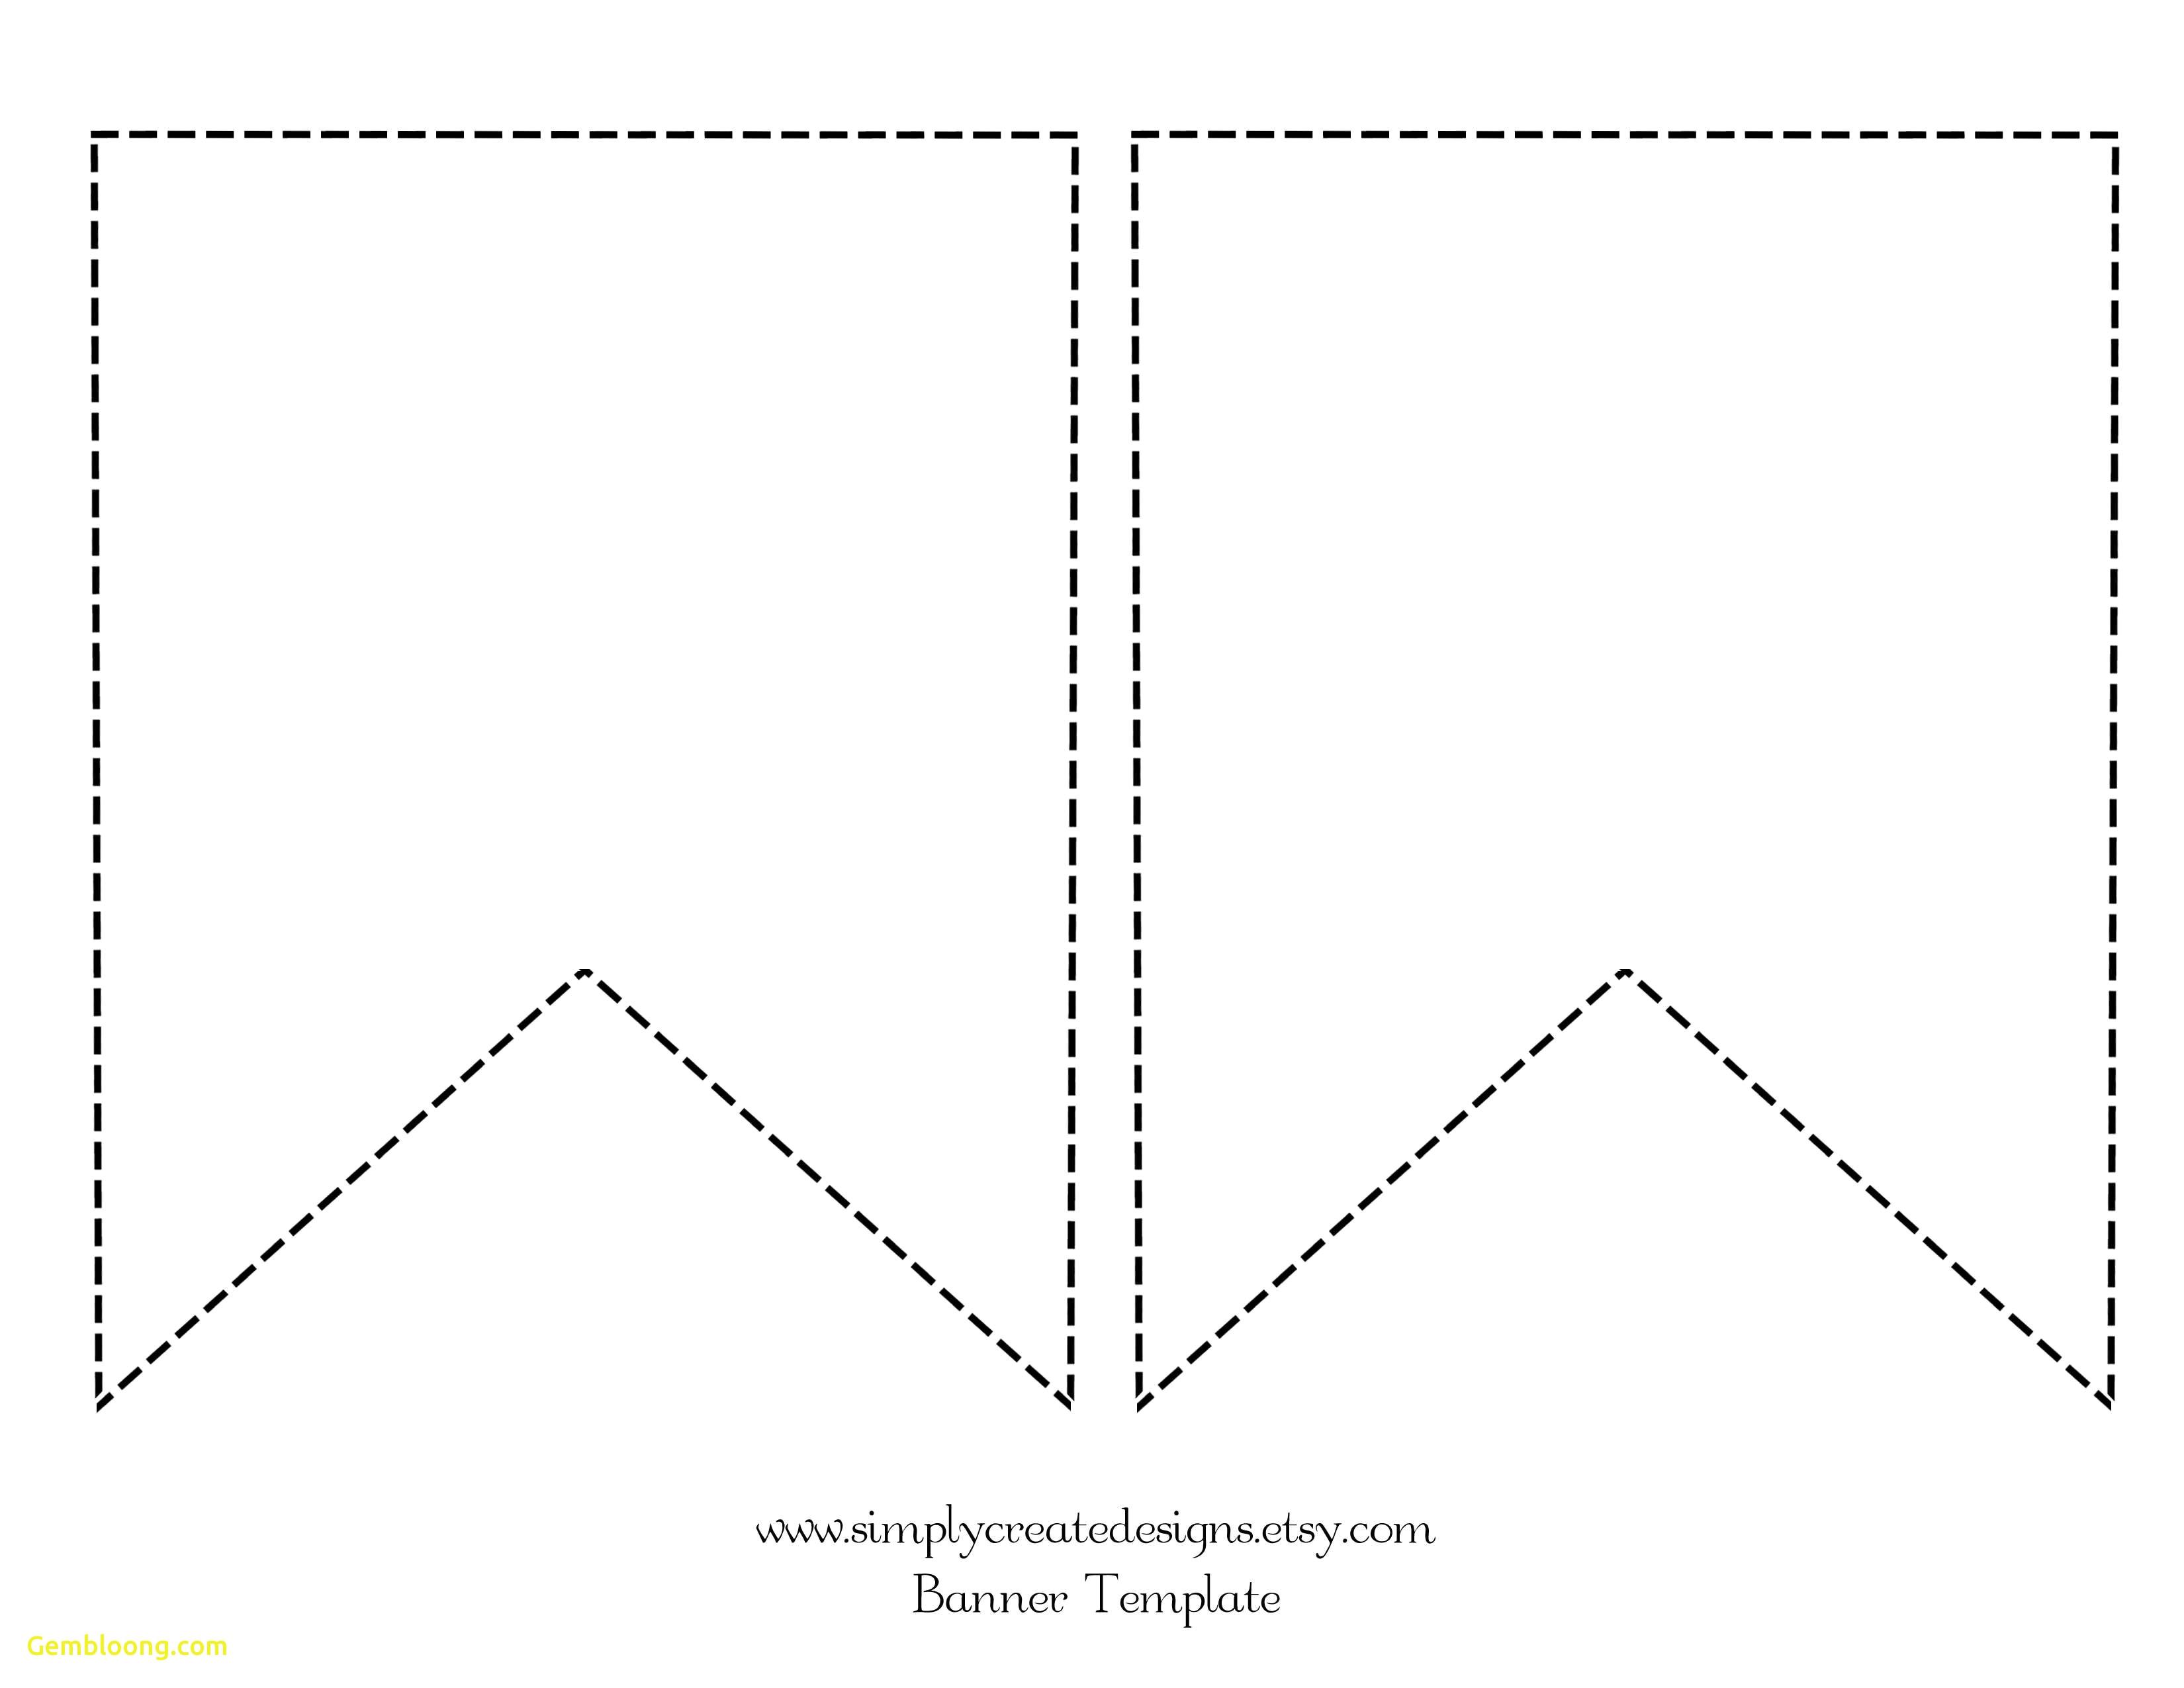 Singular Free Printable Banner Templates ~ Ulyssesroom - Free Printable Banner Templates For Word